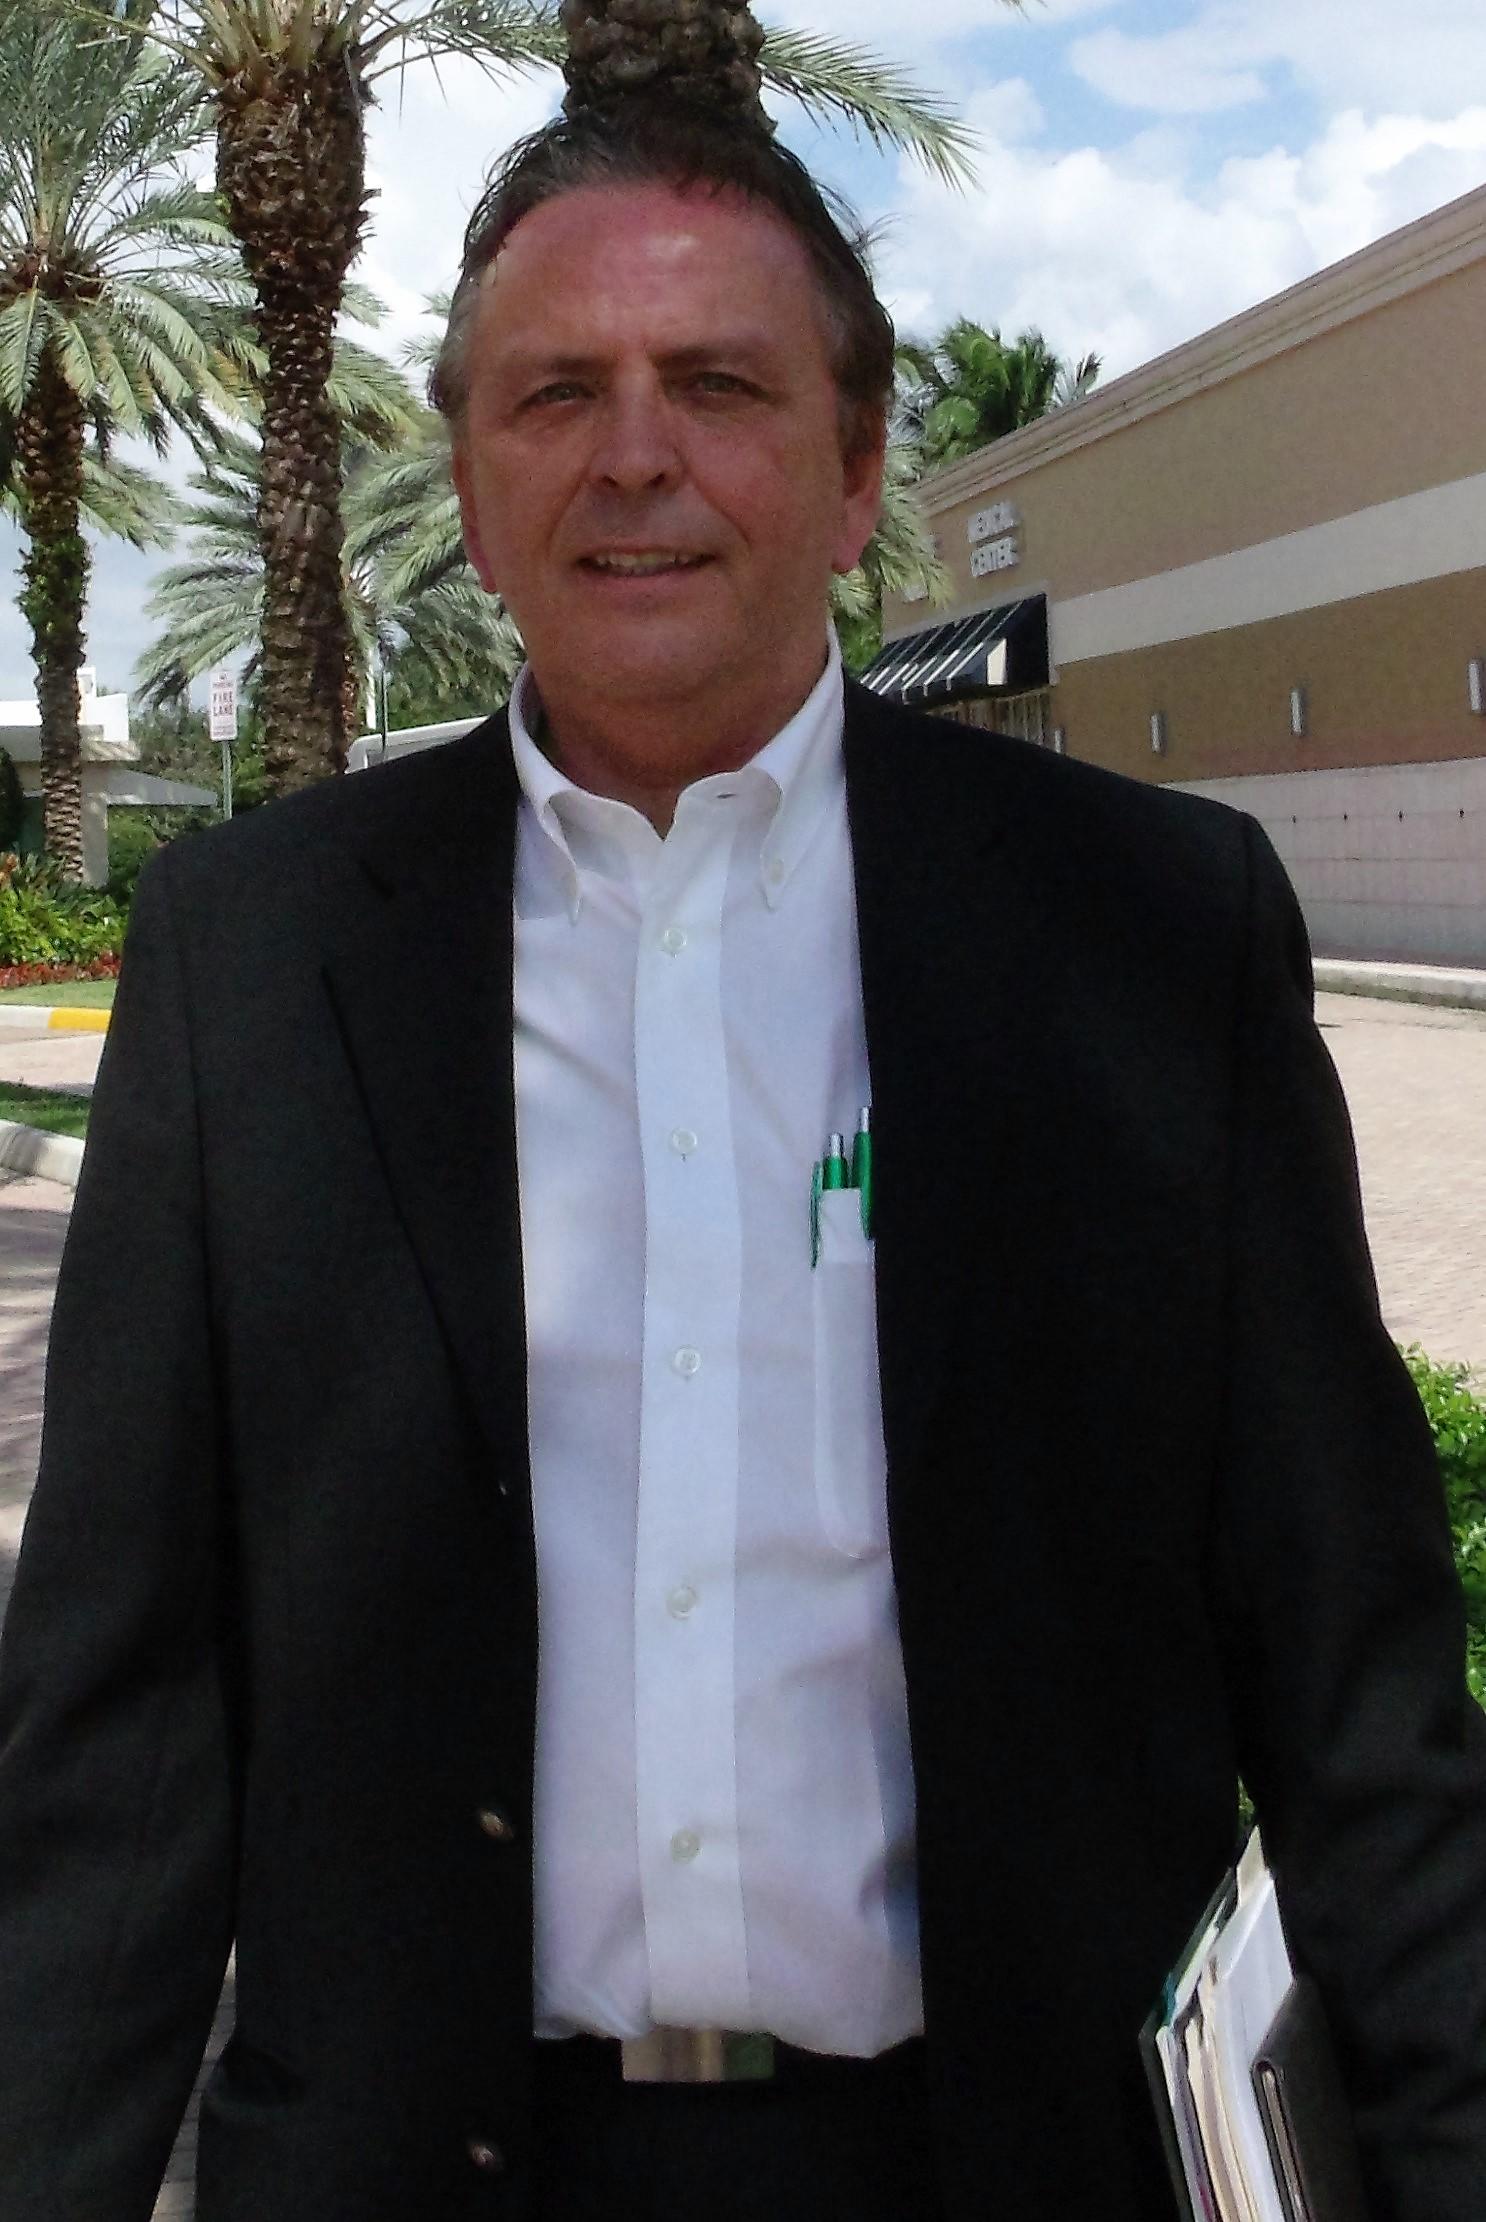 FLORIDE SYLVAIN DU BOIS, COURTIER IMMOBILIER UNE BONNE SAISON POUR RÉALISER UN GÉNÉREUX GAIN DE CAPITAL